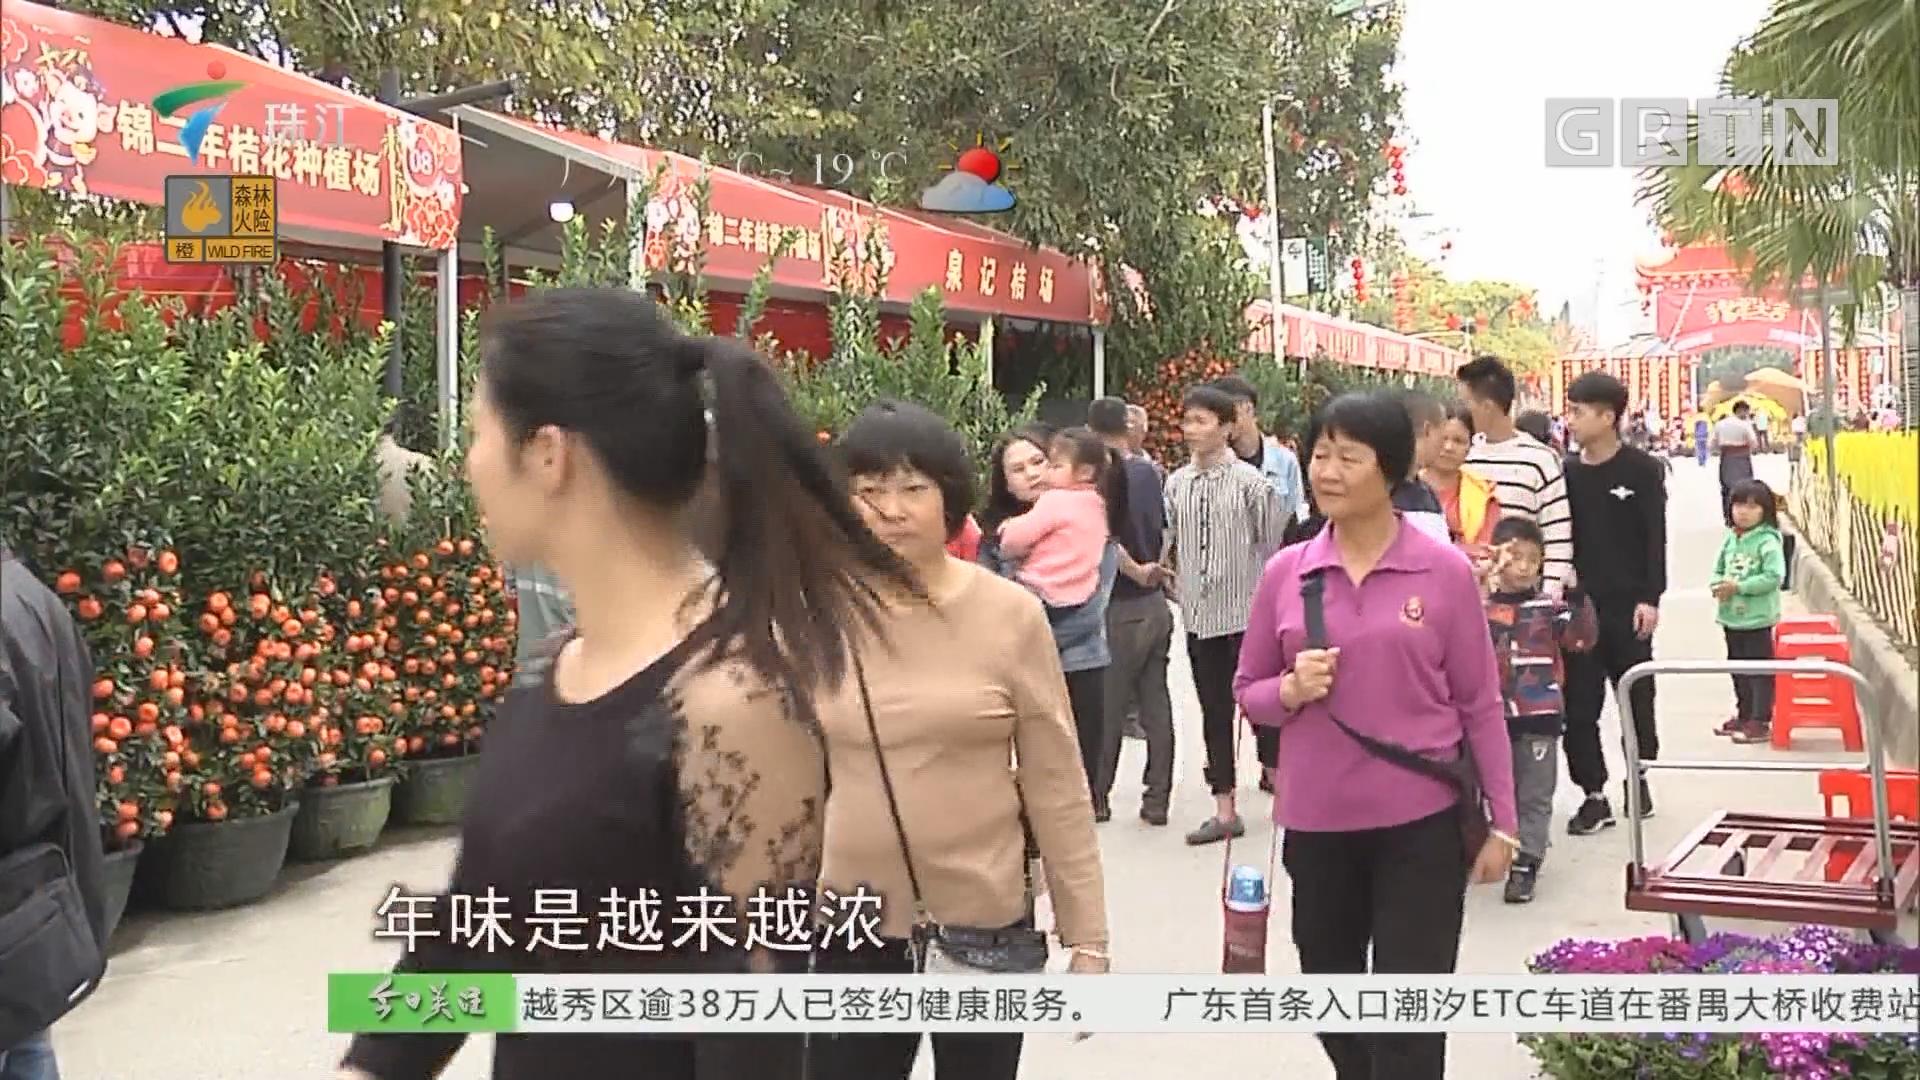 广州:年味渐浓 迎春花市已陆续开市